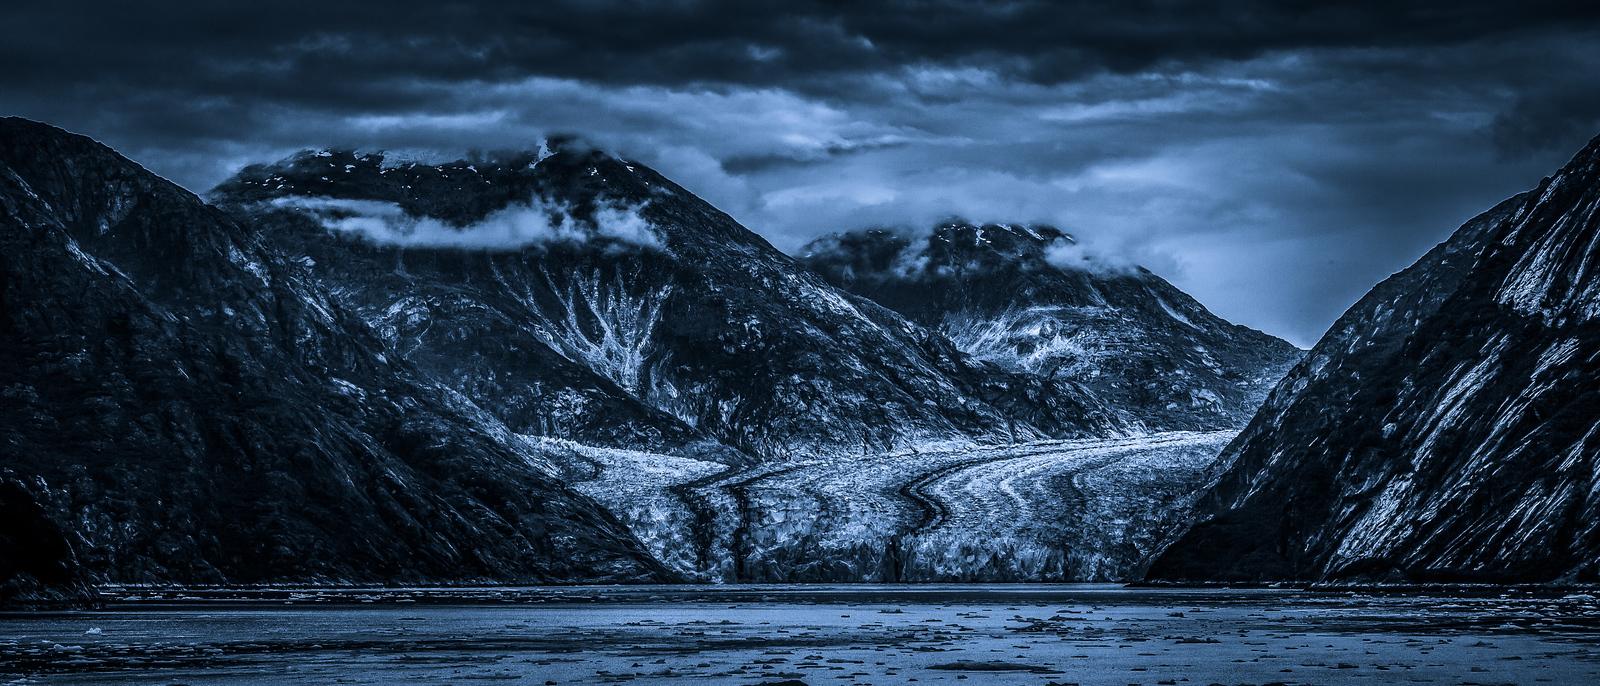 阿拉斯加,美好的记忆